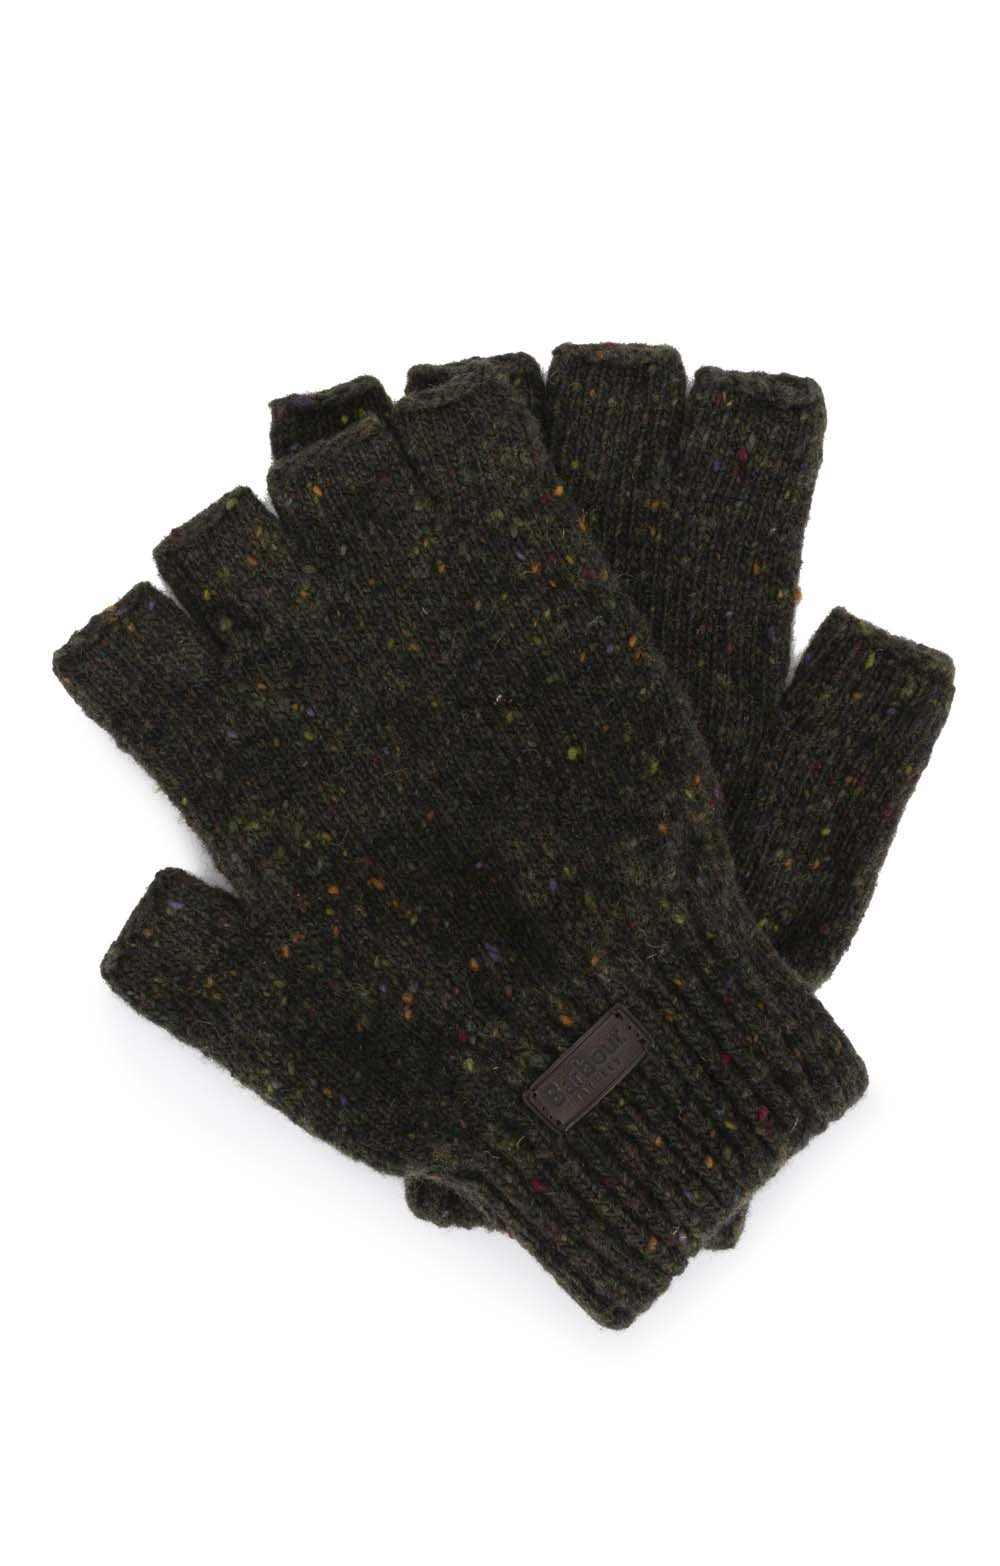 6410f9d7201d3 Barbour Mens Donegal Fingerless Gloves - House of Bruar